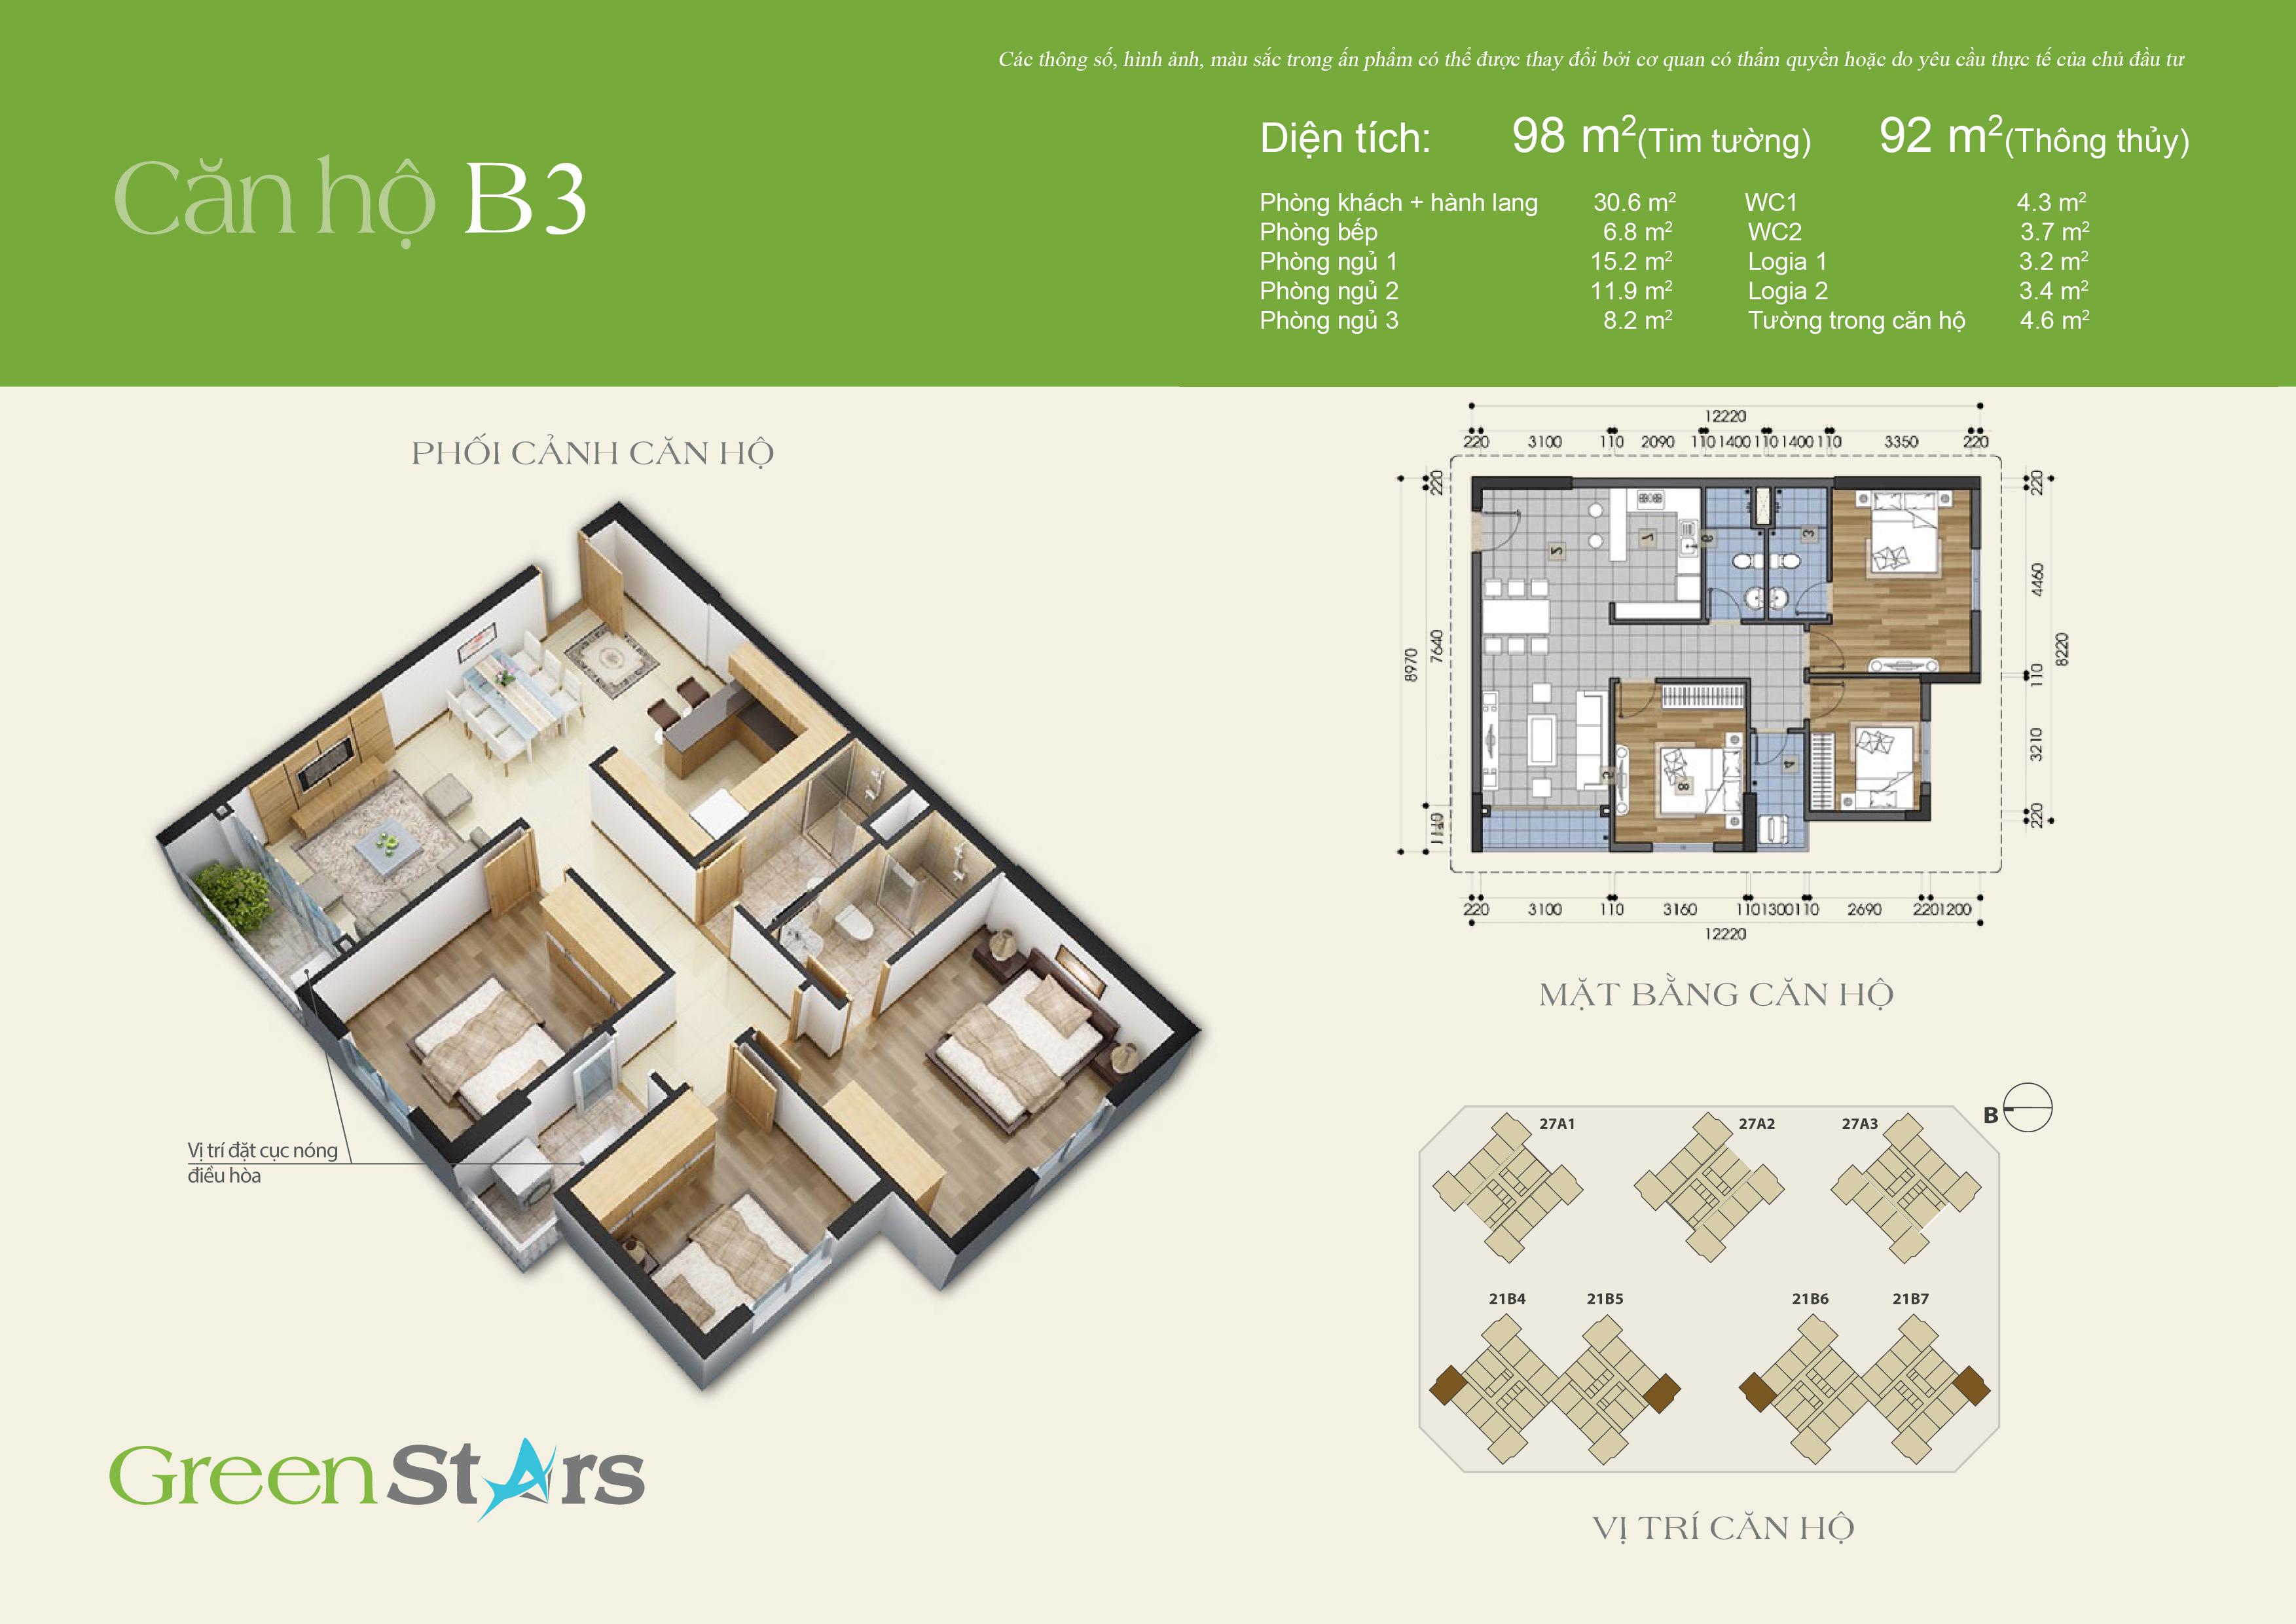 Phối cảnh căn hộ B3